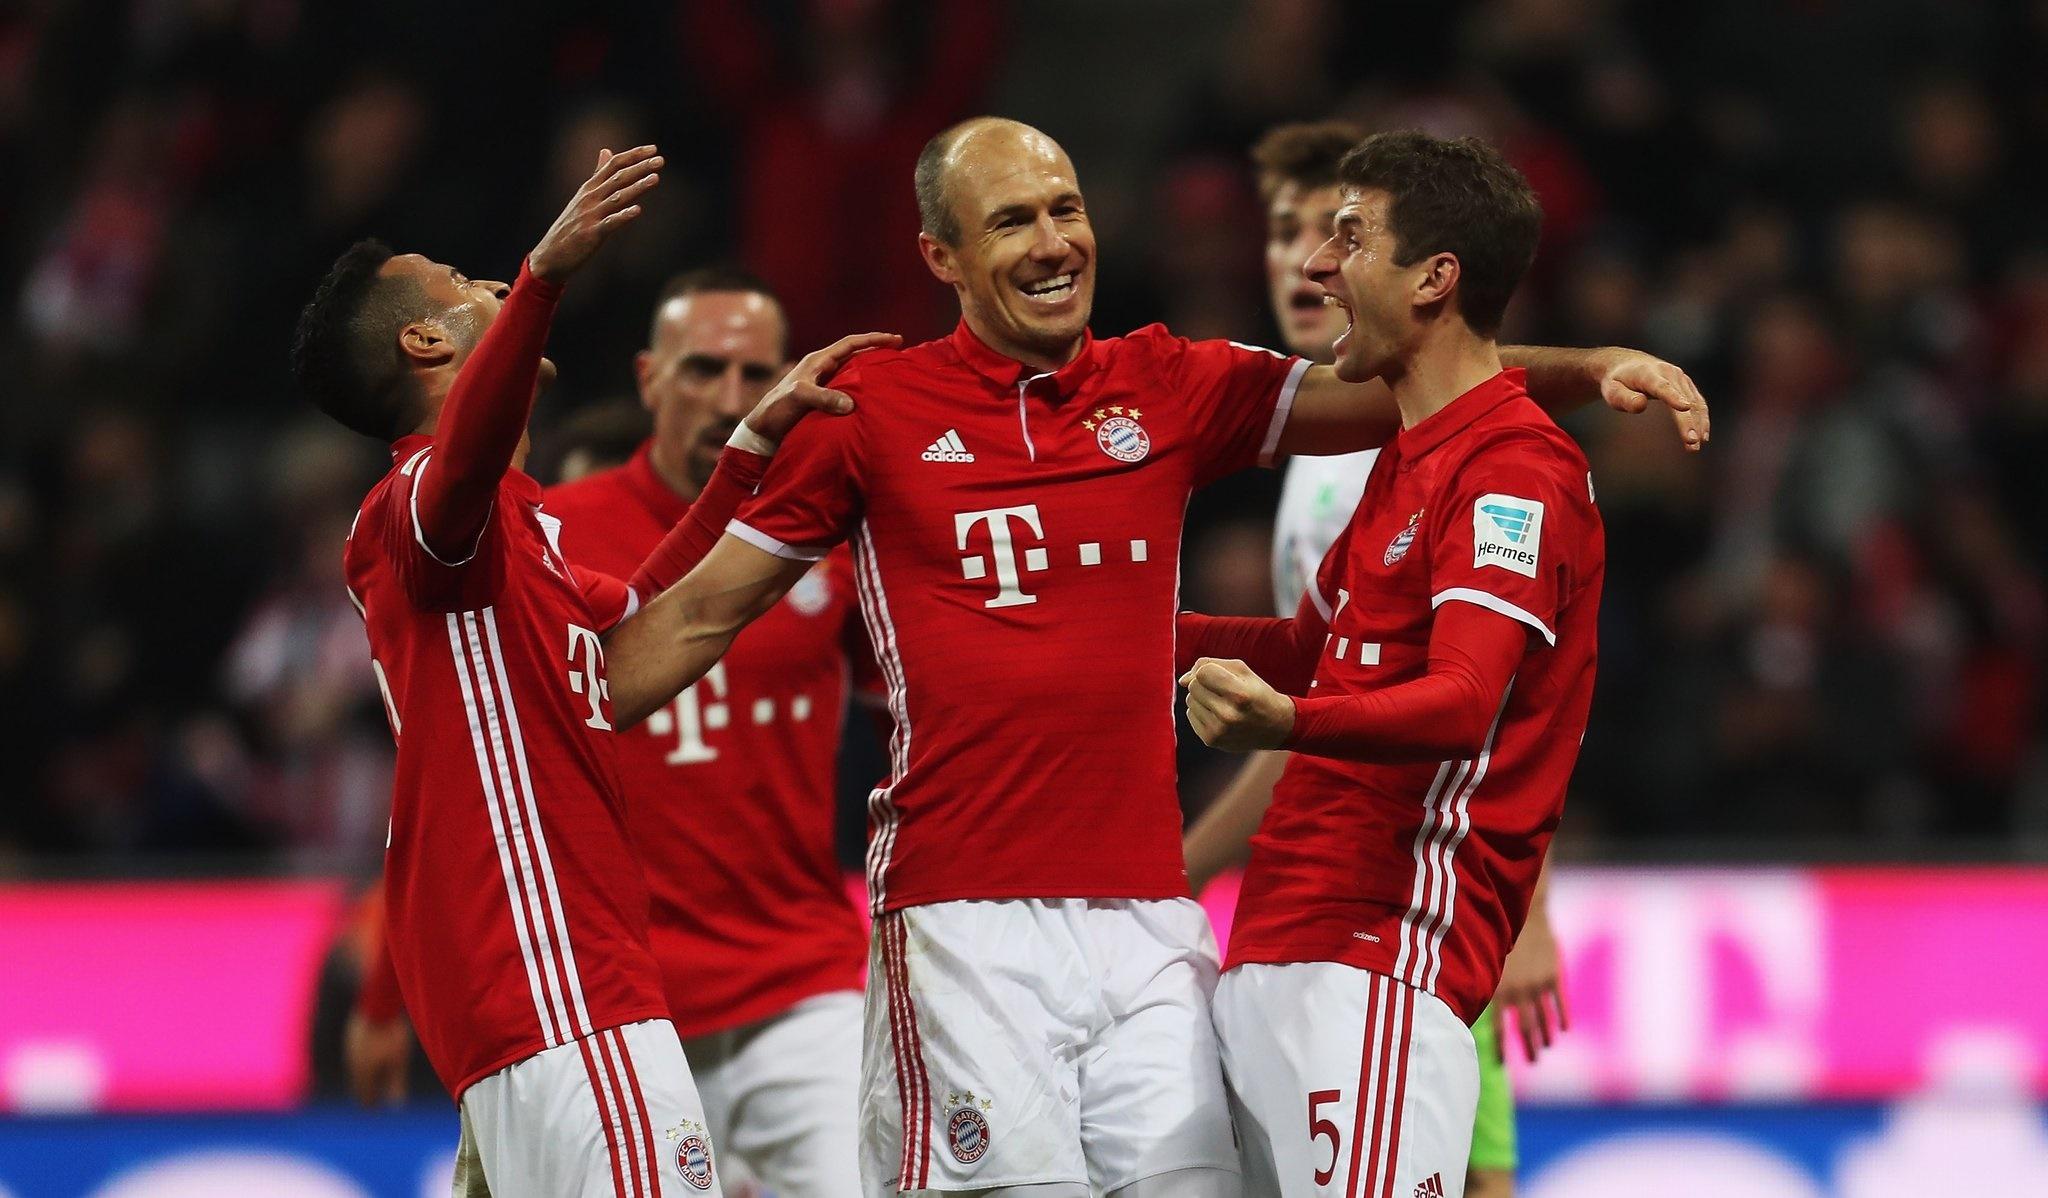 """Thi nhau ghi bàn """"rùa"""", Muller và Lewandowski đưa Bayern đến ngôi đầu Bundesliga"""